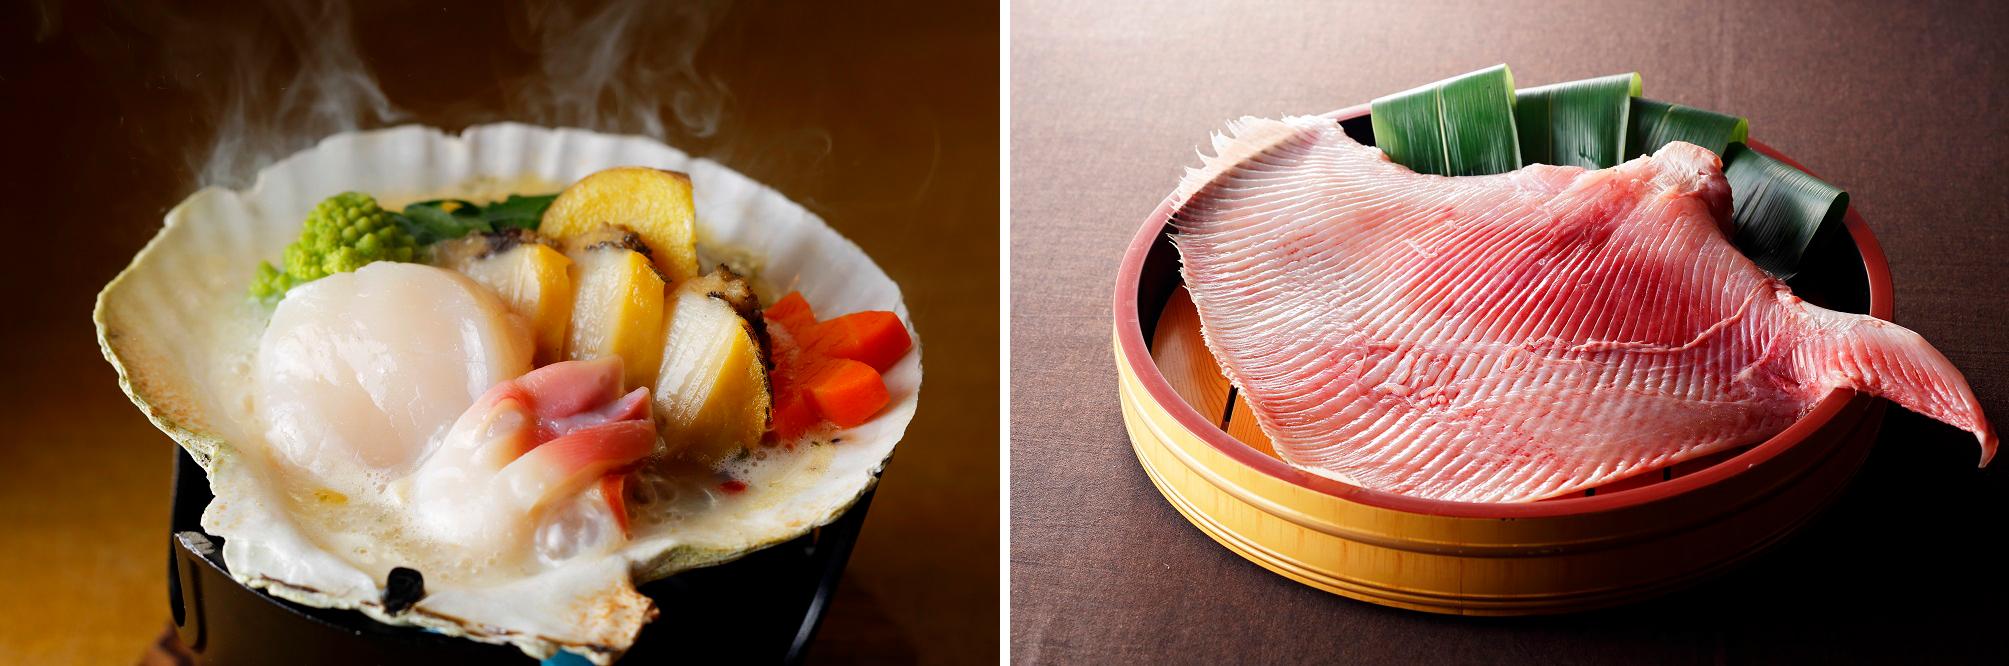 左:北海貝づくし焼き 右:生のかすべ